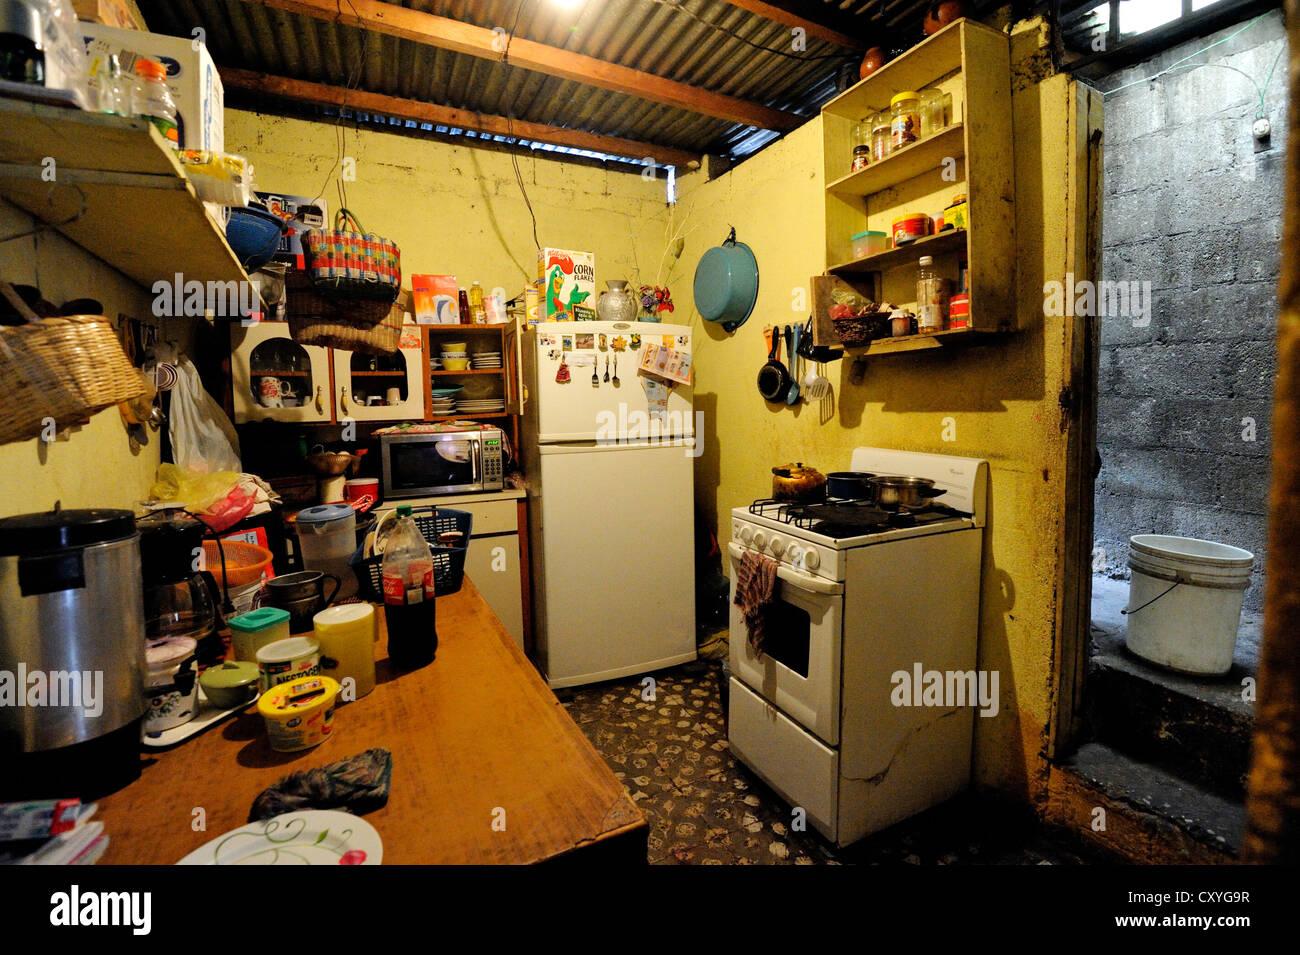 Cocina humilde en un barrio pobre, el esfuerzo de barrios de la Ciudad de Guatemala, Guatemala, América Central Imagen De Stock